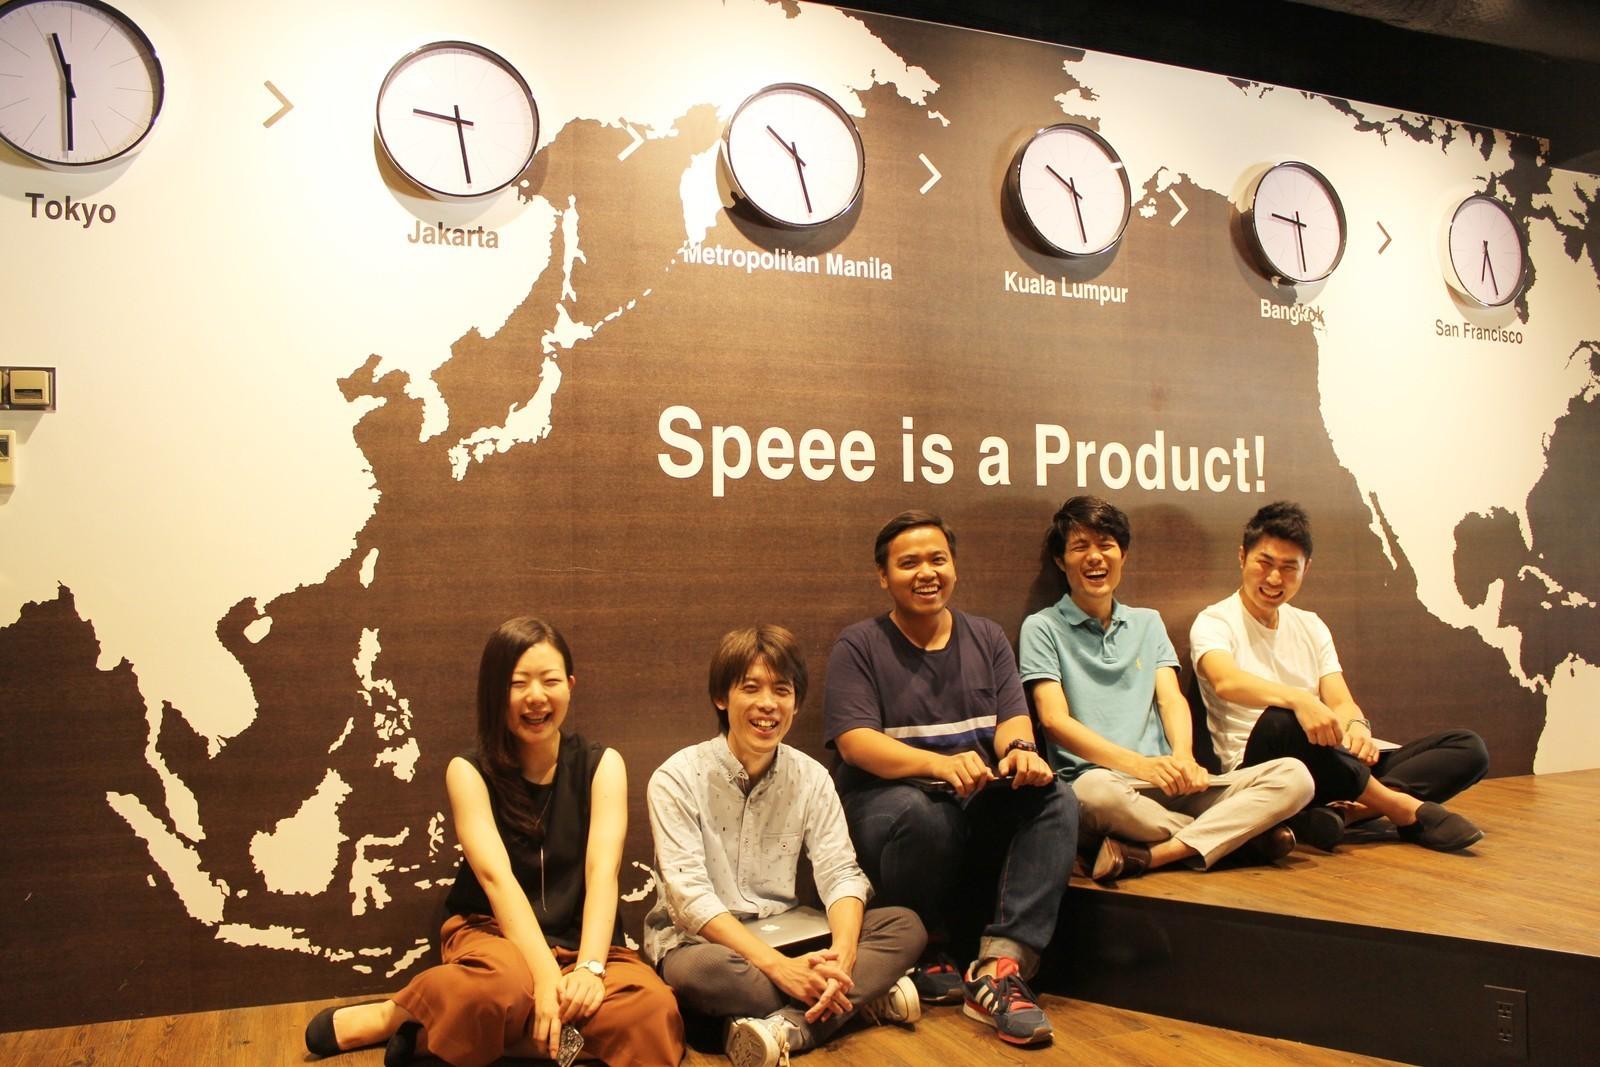 月間数百万PV!ASEAN向け求人サービスを開発するRailsエンジニア募集